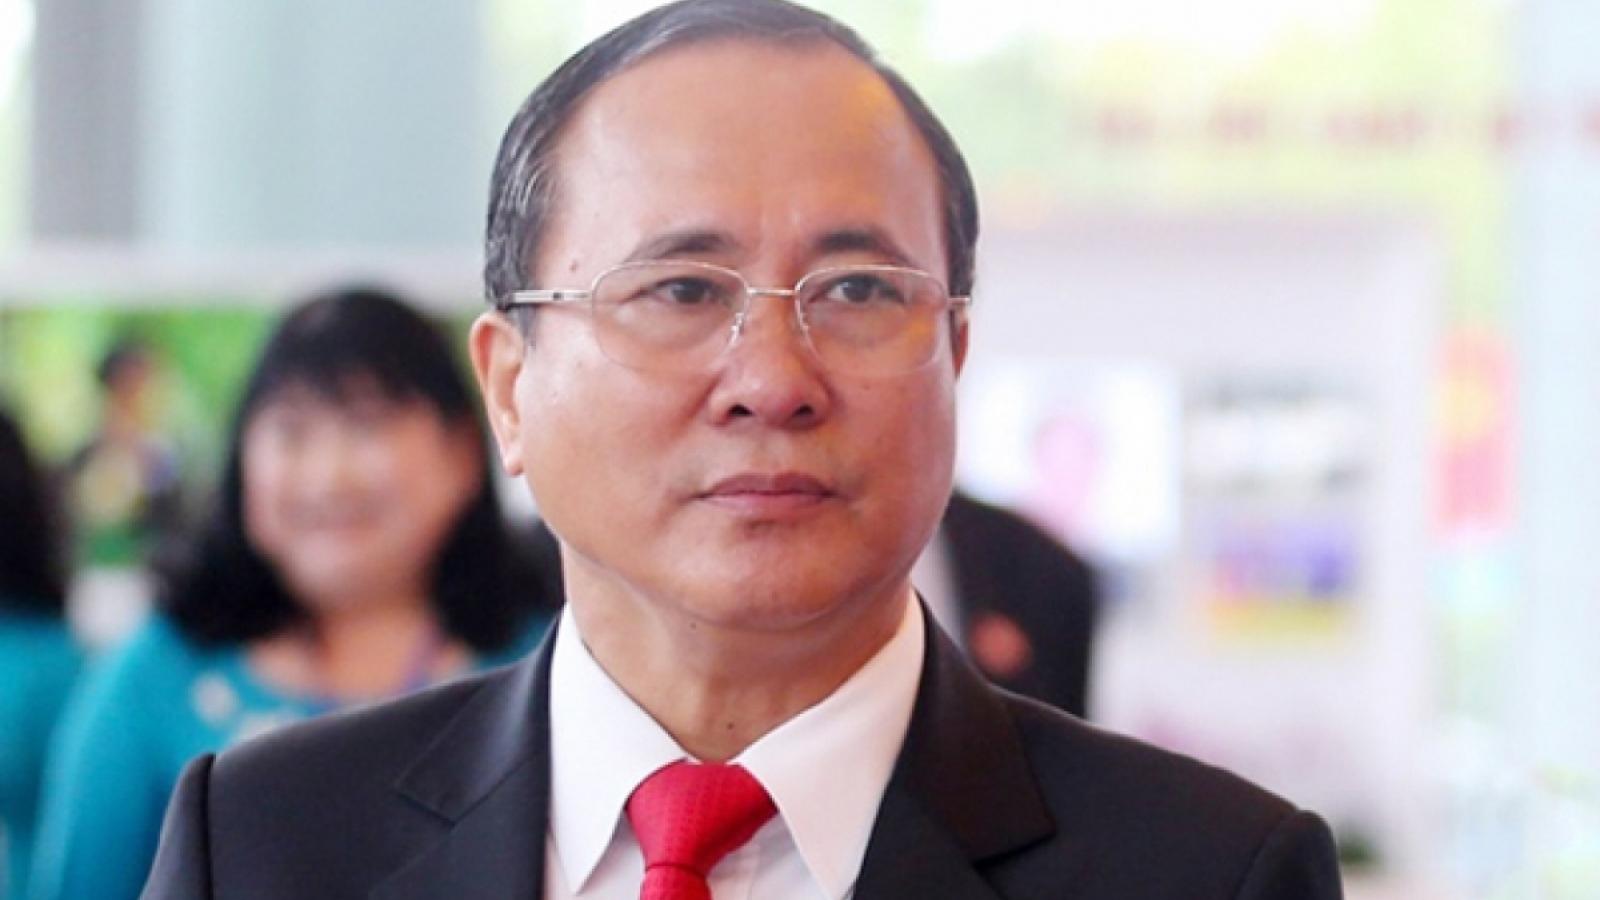 Đề nghị truy tố cựu Bí thư và cựu Chủ tịch tỉnh Bình Dương